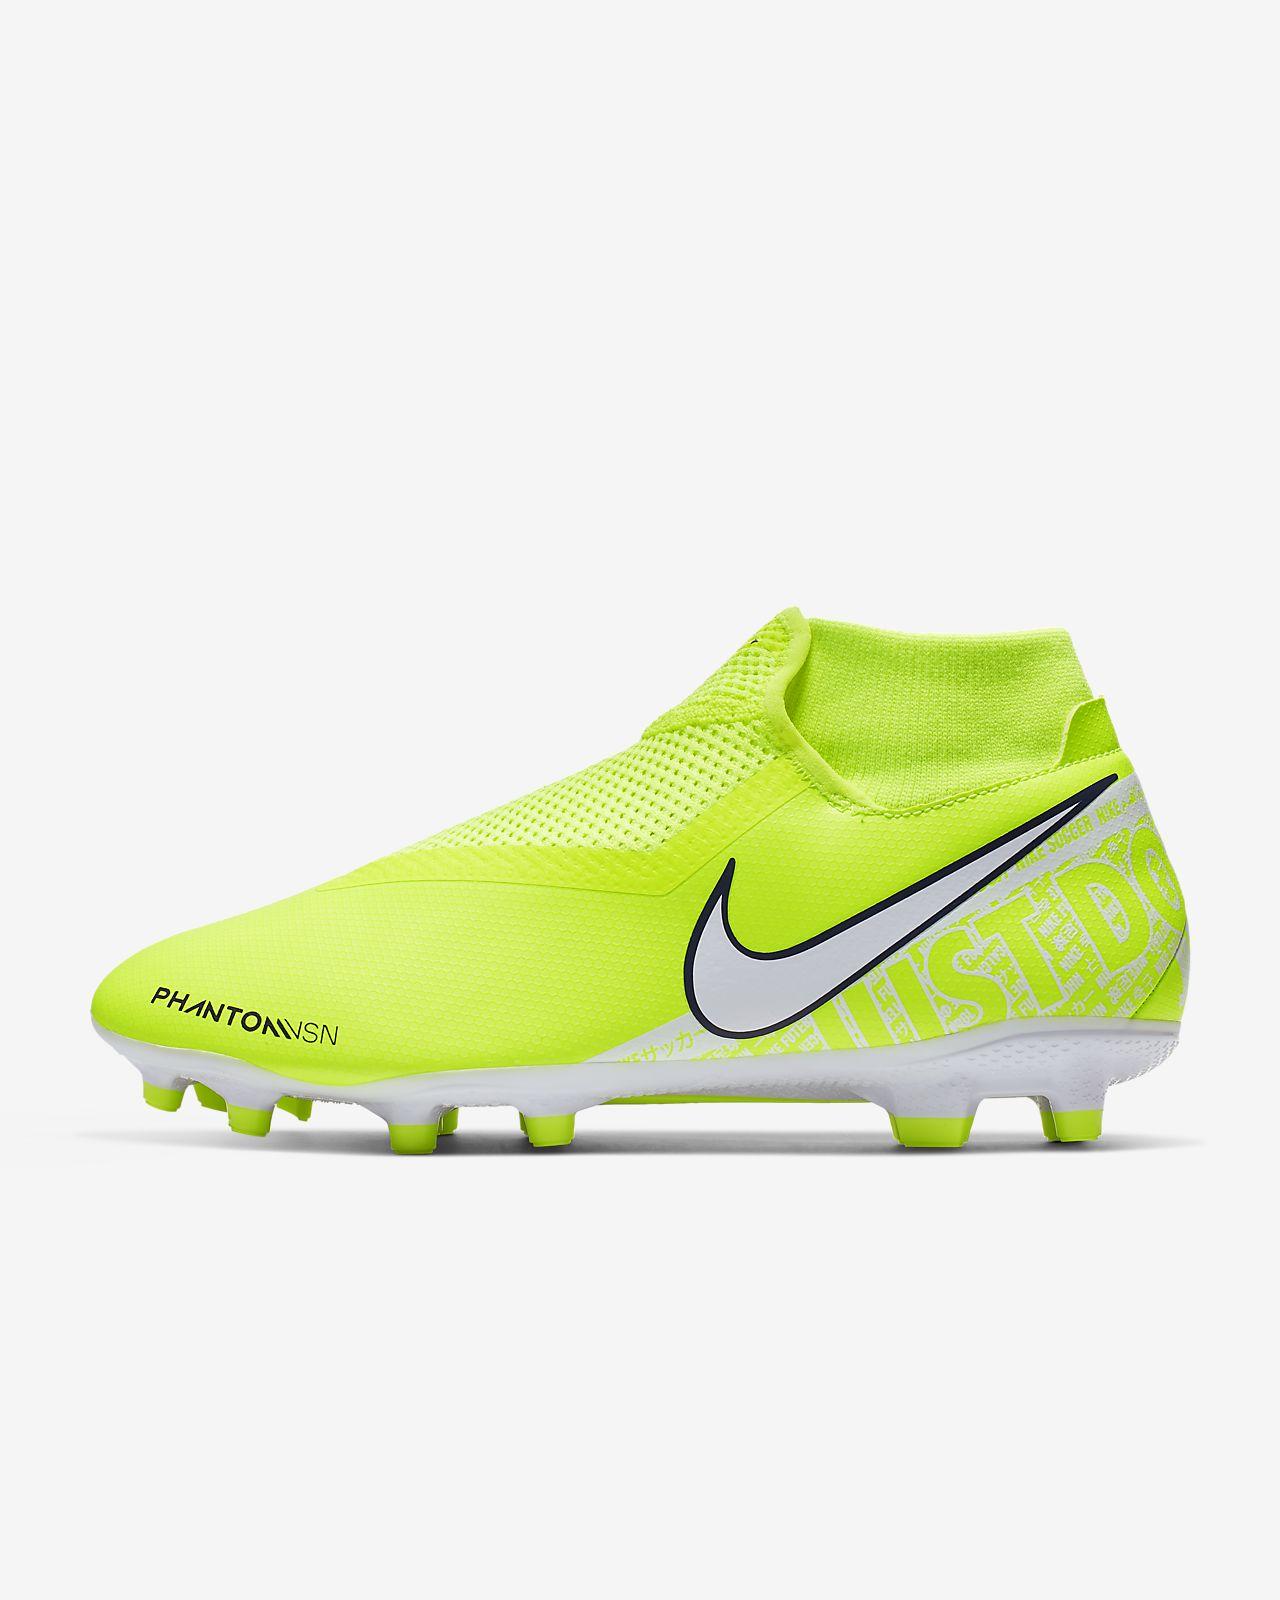 รองเท้าสตั๊ดฟุตบอลสำหรับพื้นหลายประเภท Nike Phantom Vision Academy Dynamic Fit MG